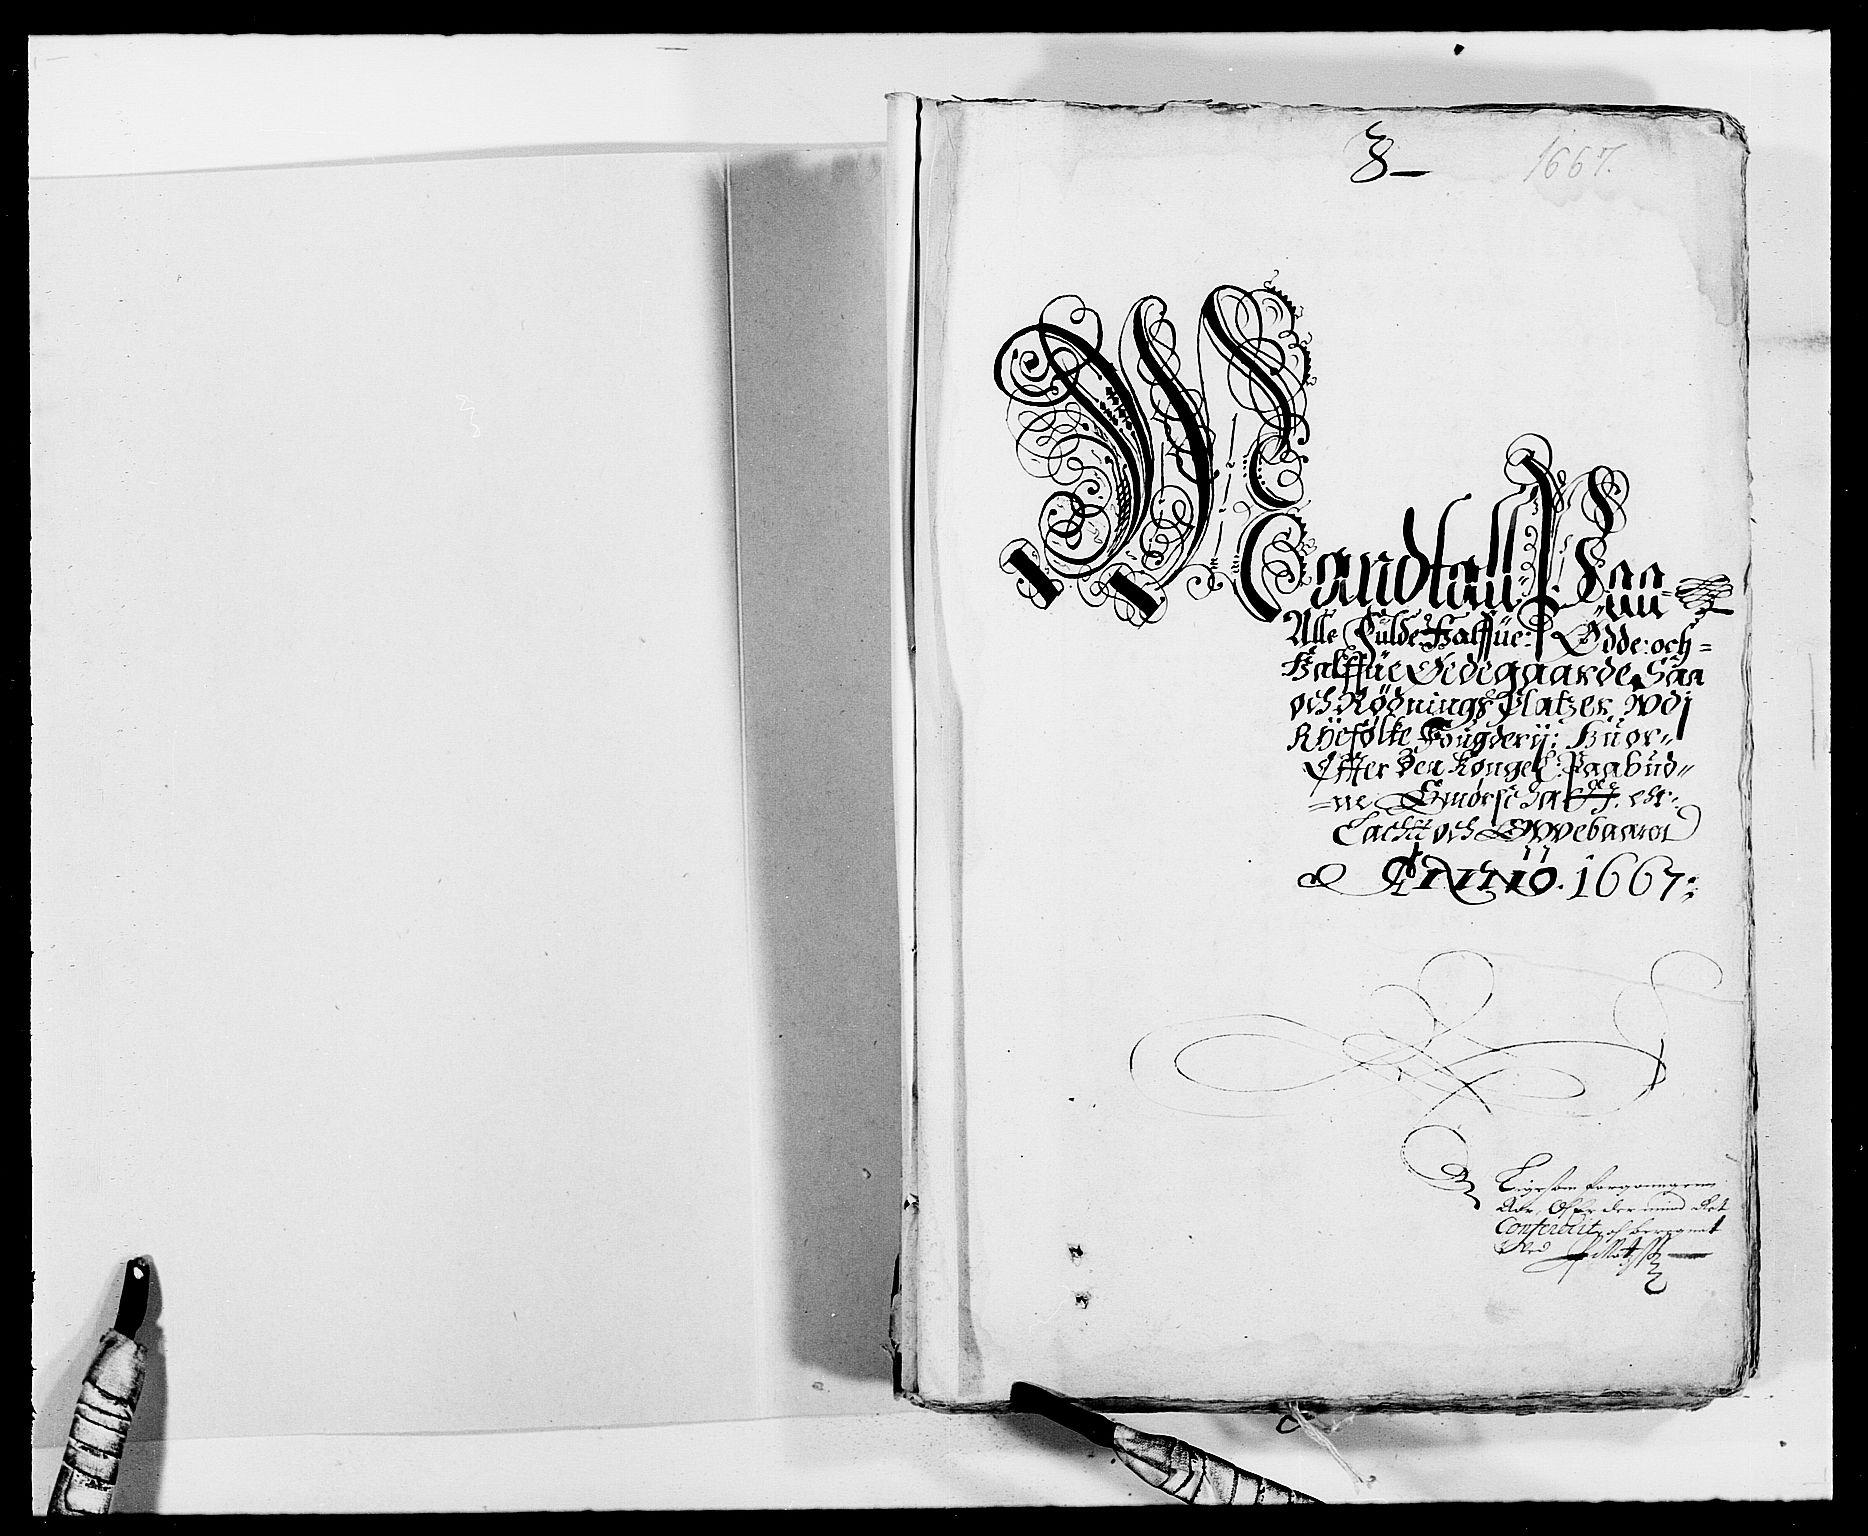 RA, Rentekammeret inntil 1814, Reviderte regnskaper, Fogderegnskap, R47/L2842: Fogderegnskap Ryfylke, 1665-1669, s. 213